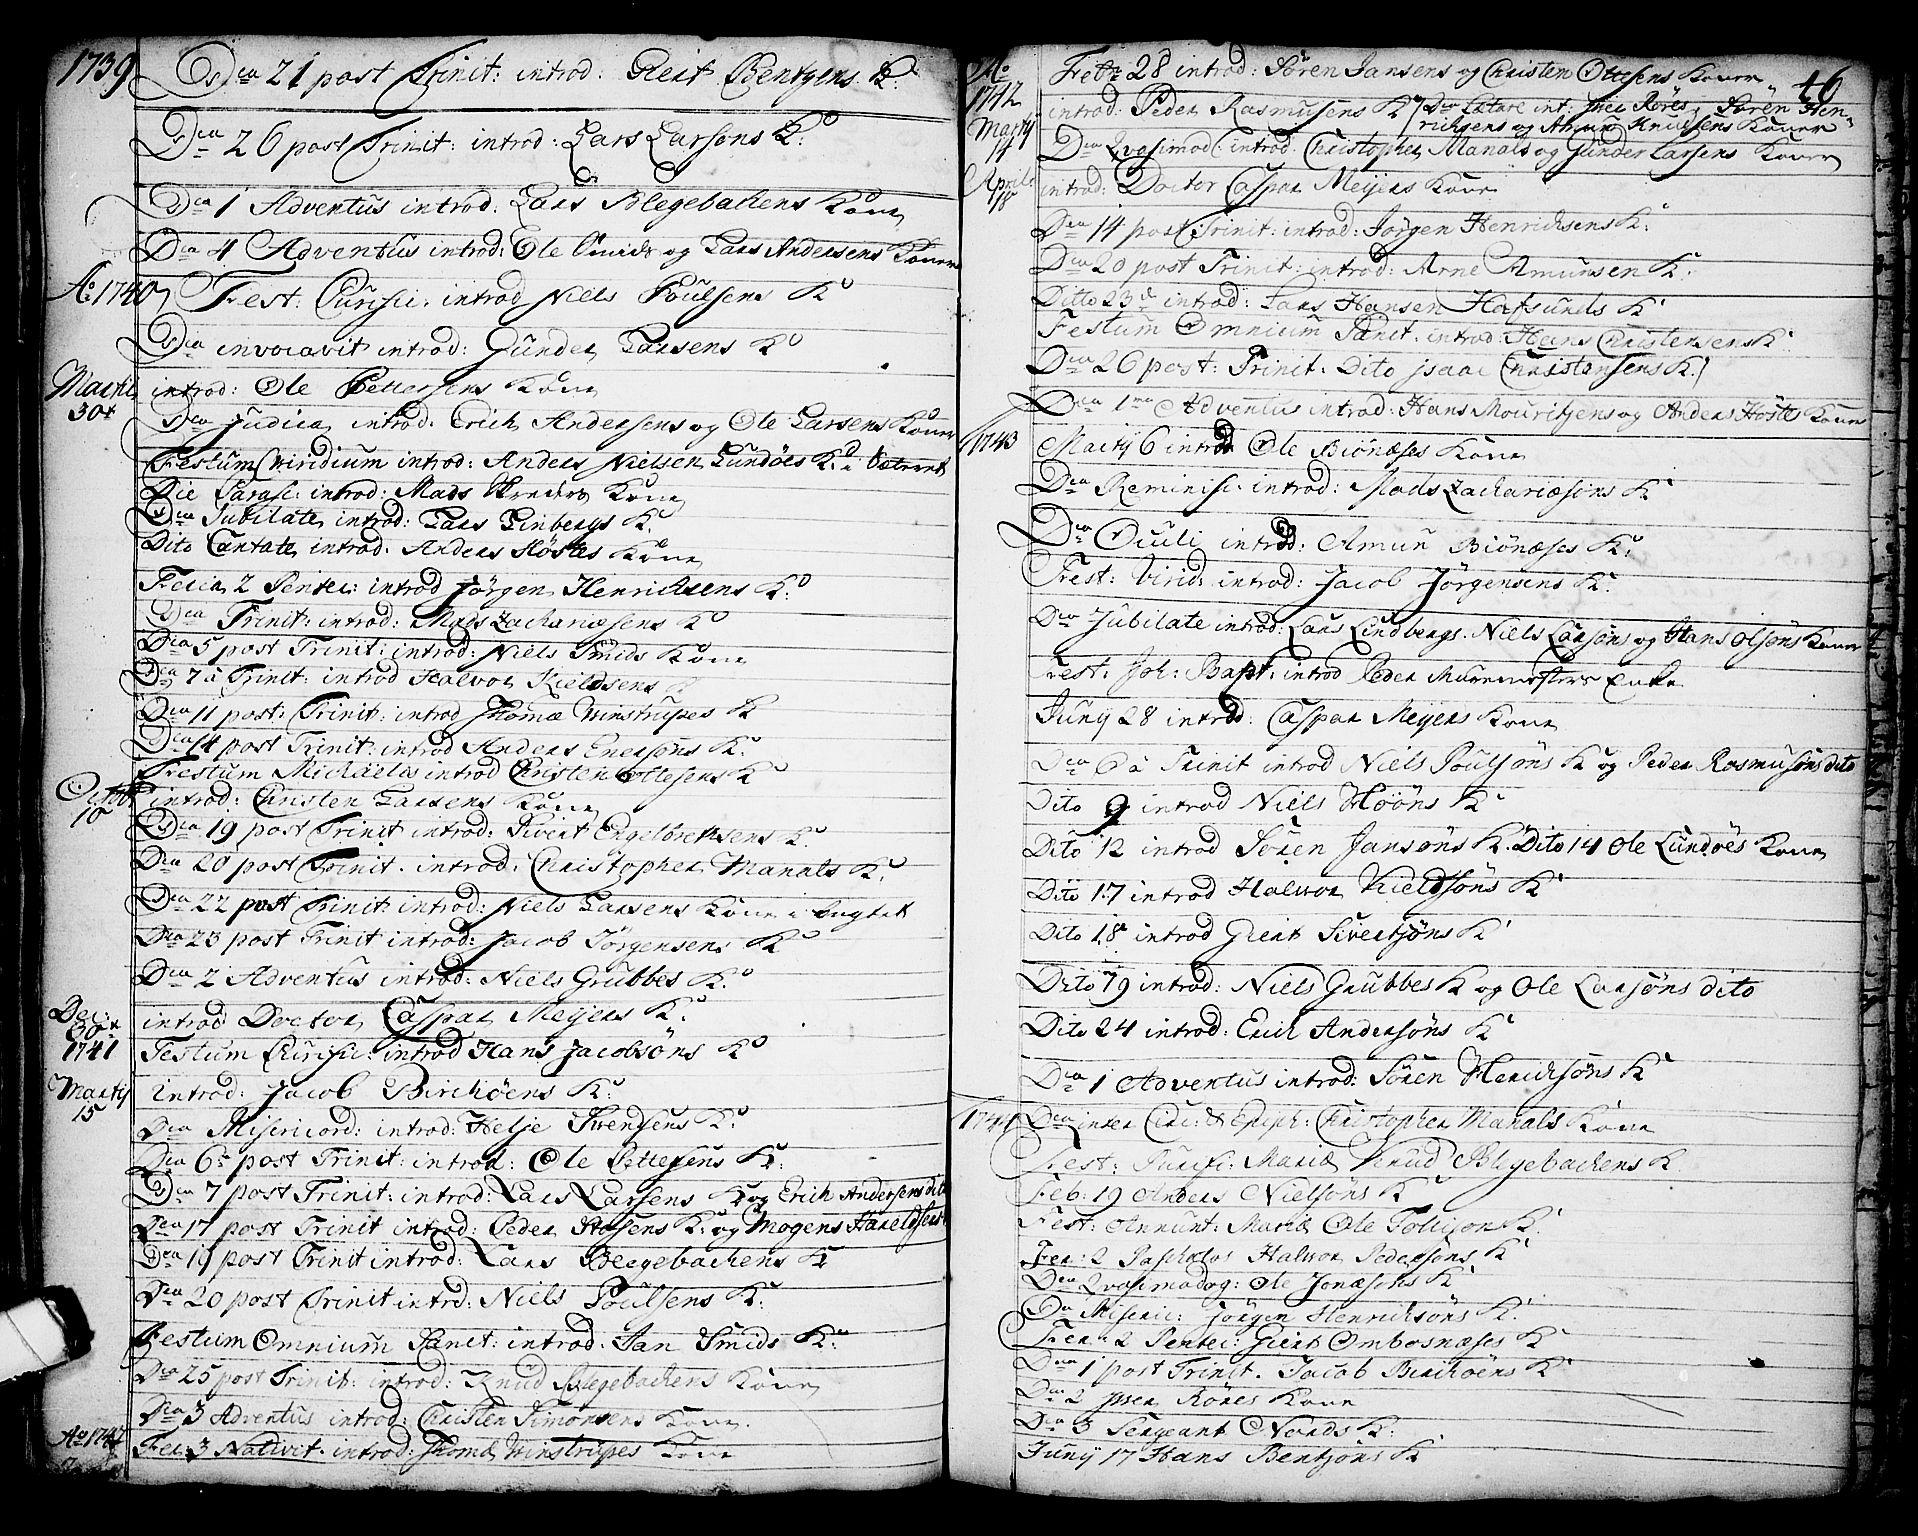 SAKO, Brevik kirkebøker, F/Fa/L0002: Ministerialbok nr. 2, 1720-1764, s. 46